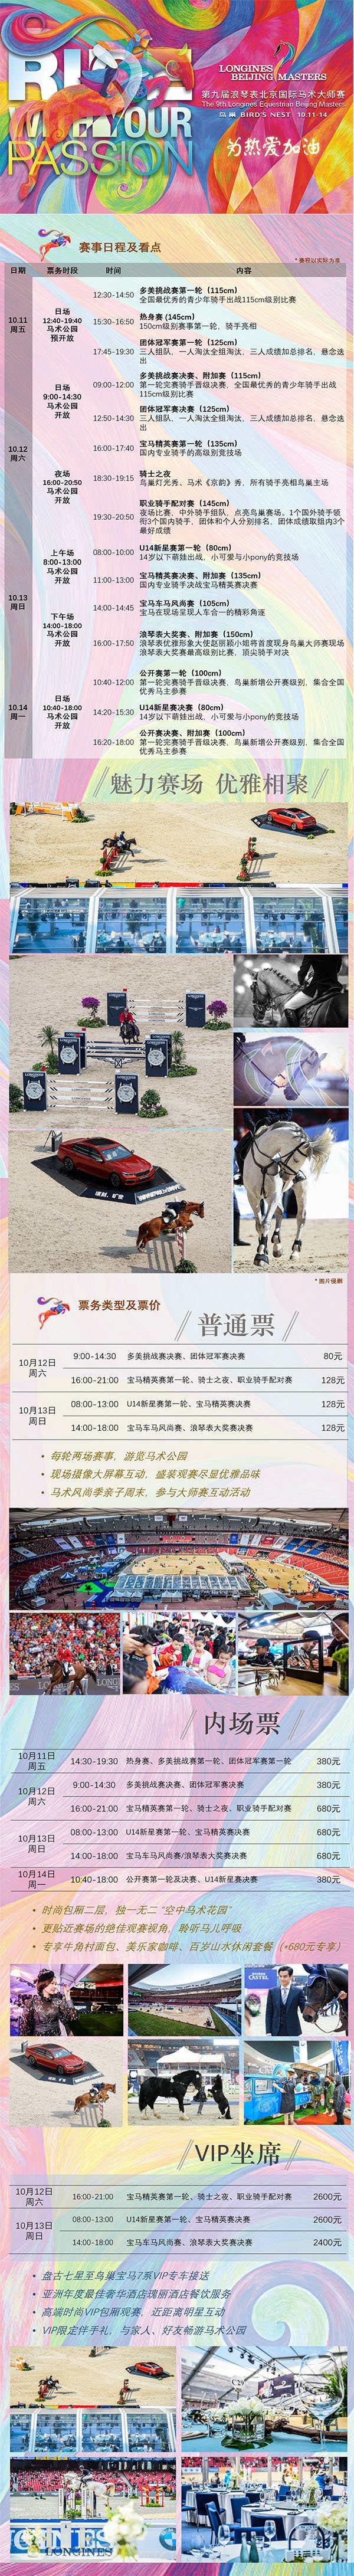 第九届浪琴表北京国际马术大师赛